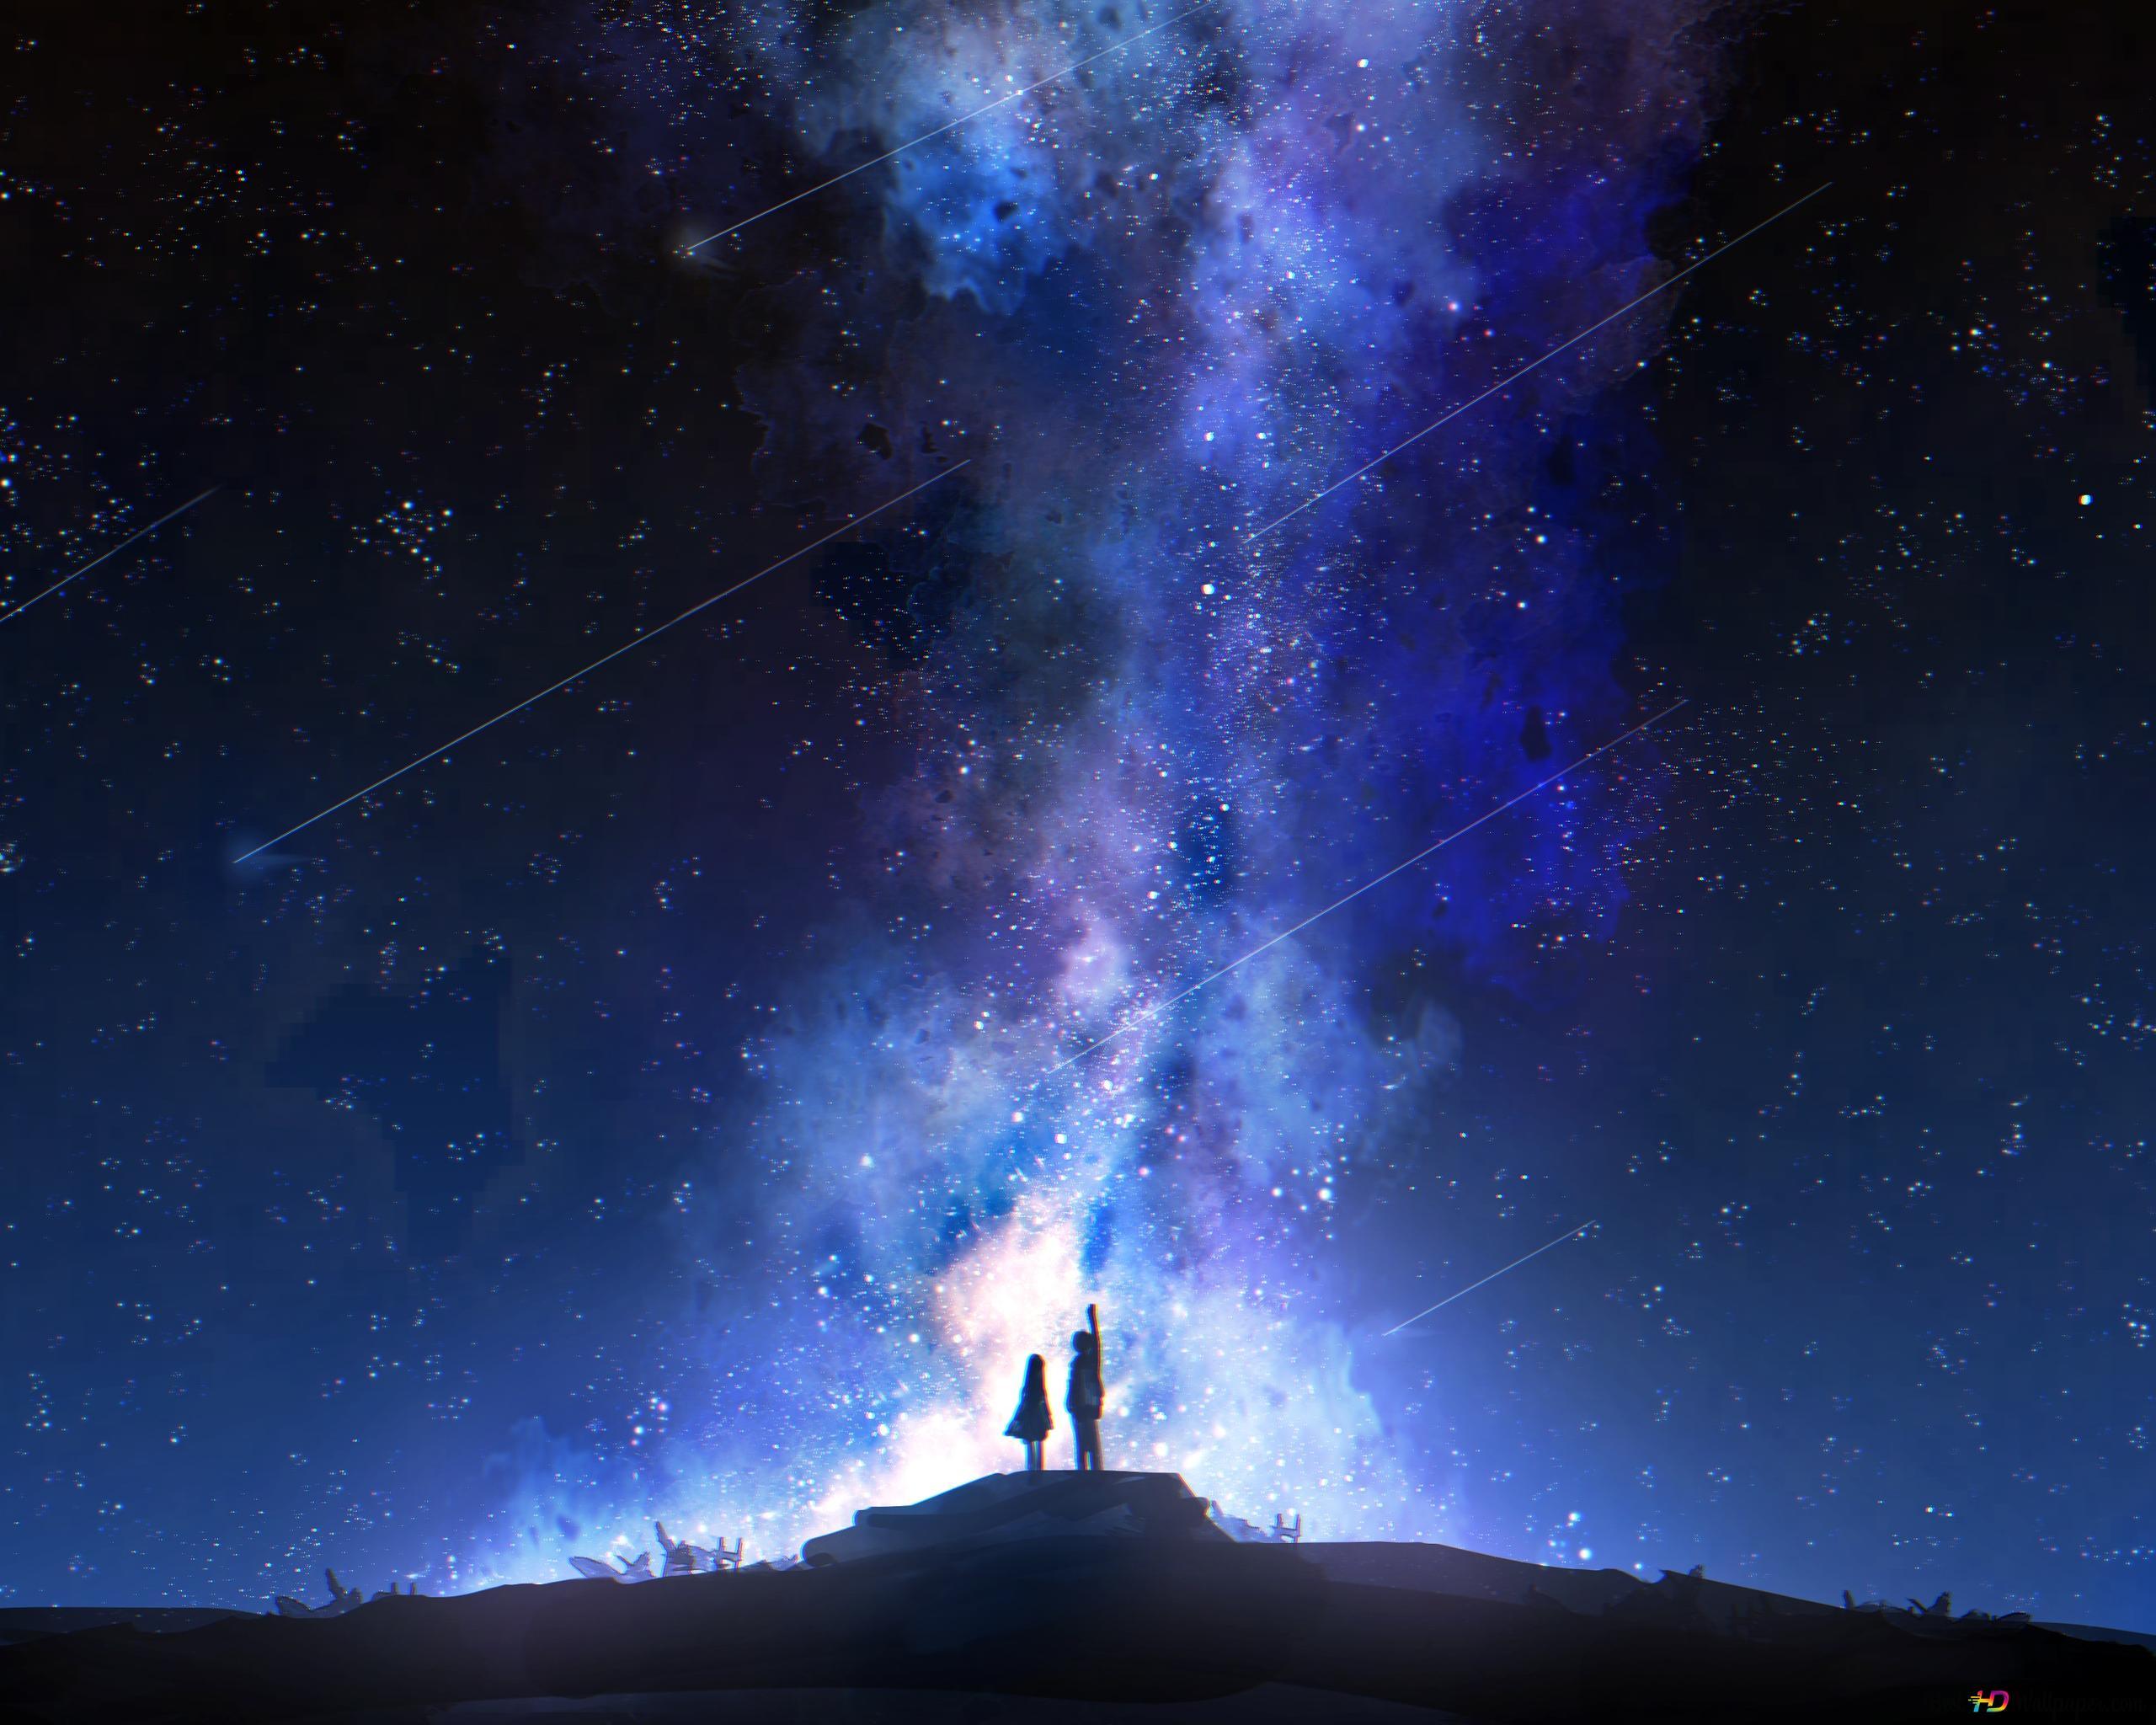 星空视图高清壁纸下载